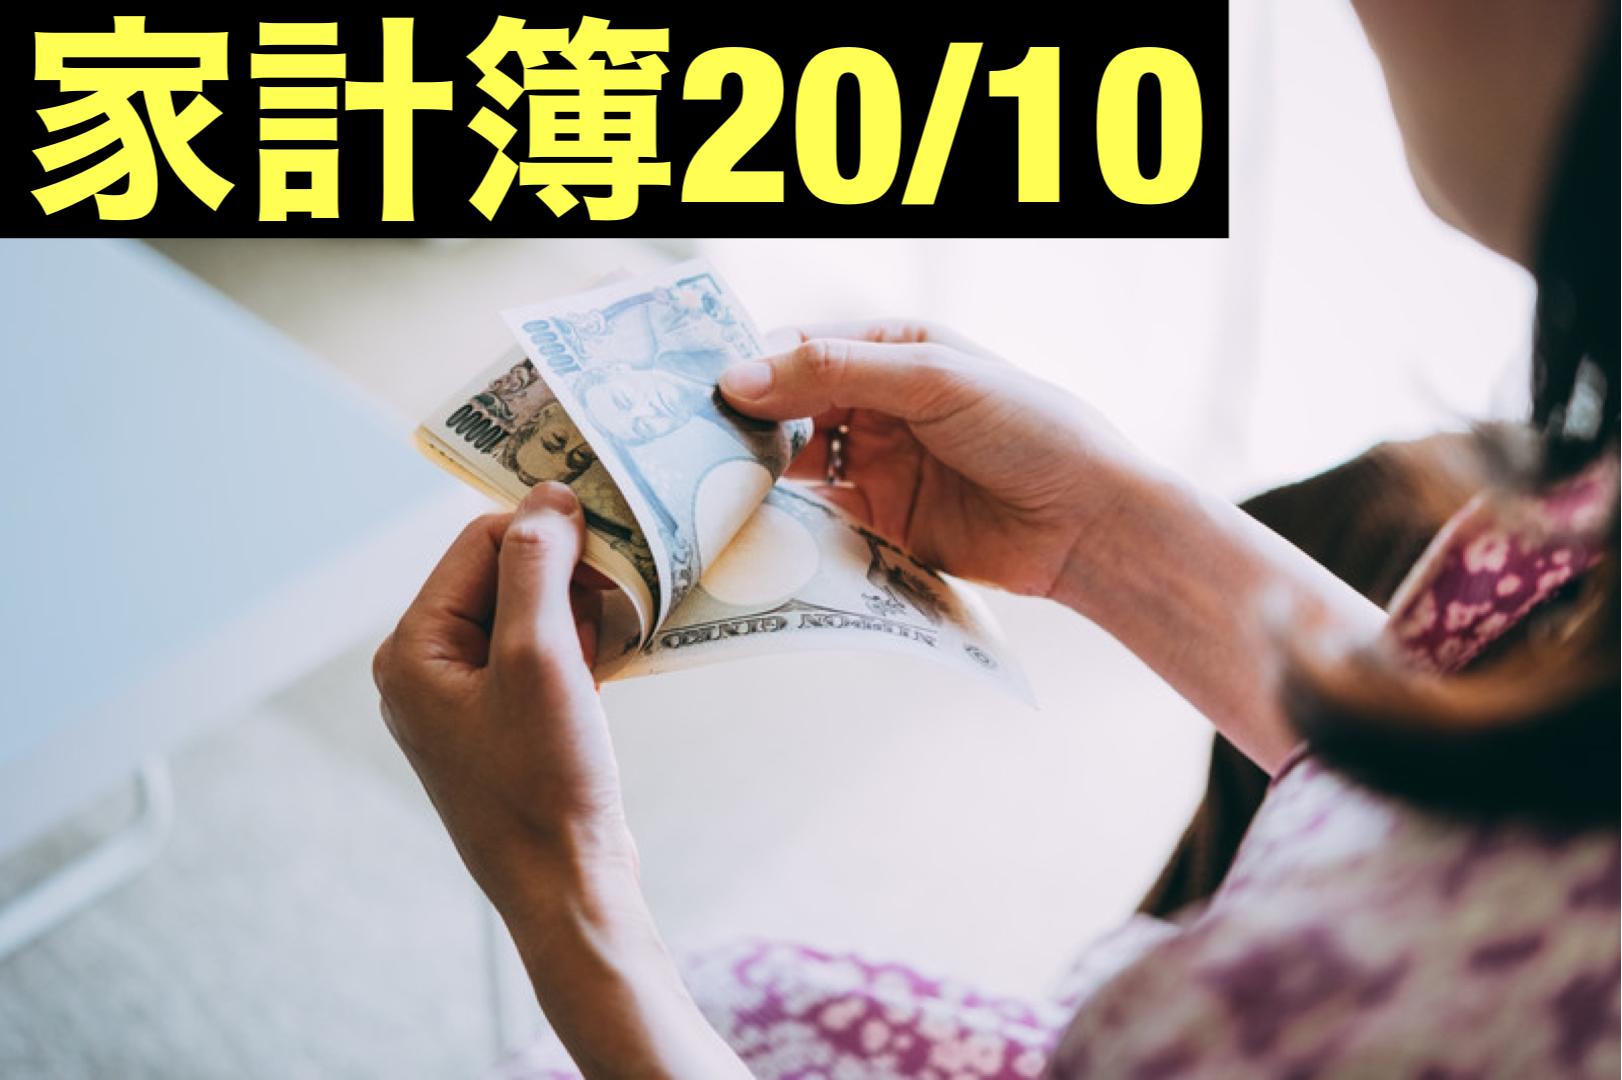 【30代】家計簿公開・20年10月【1人暮らし】